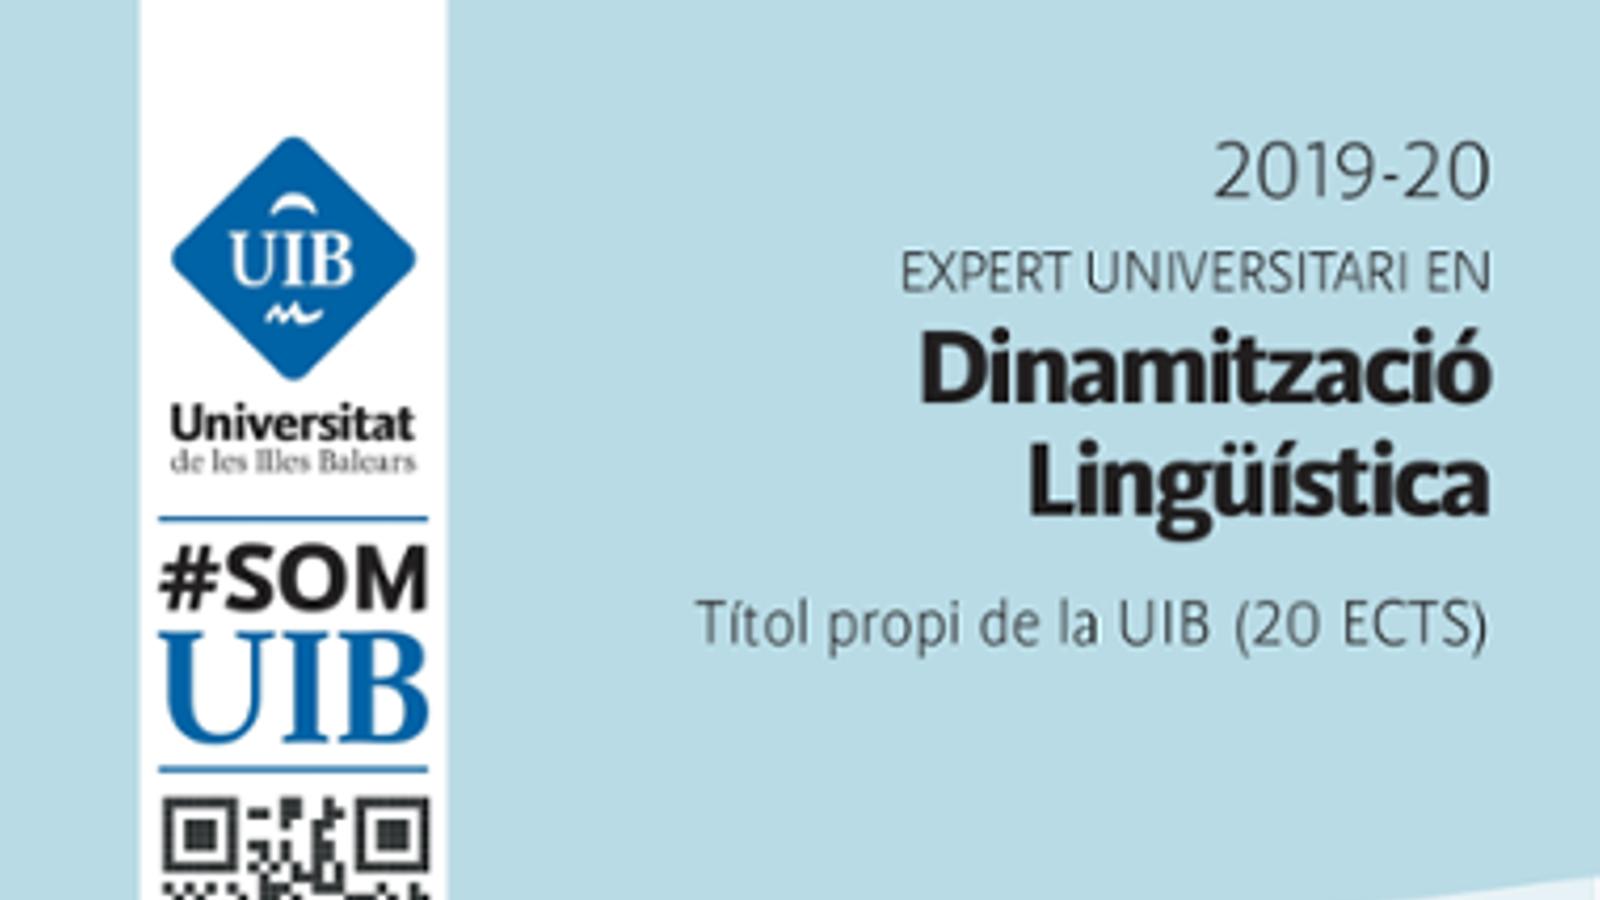 Dinamitzador lingüístic i Expert universitari, els nous cursos de la UIB